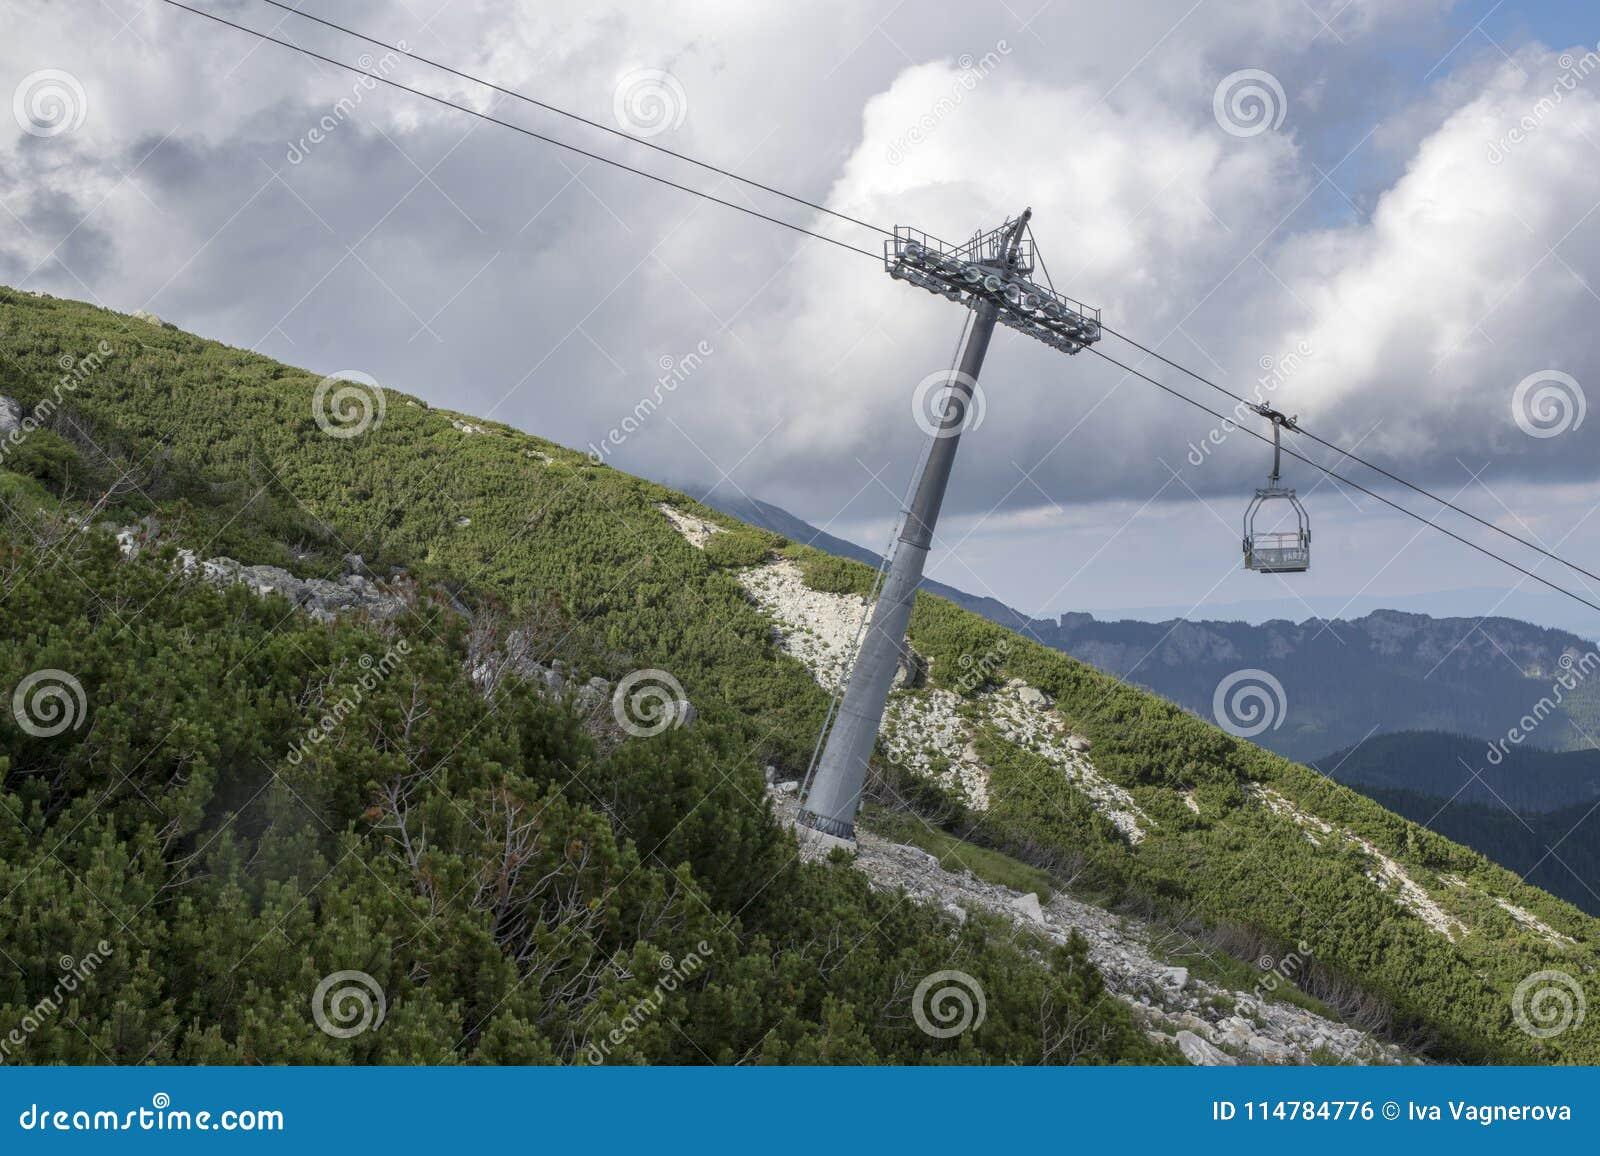 Skalnate pleso,从驻防Skalnate pleso的Tatranska Lomnica村庄的高Tatra山空中览绳